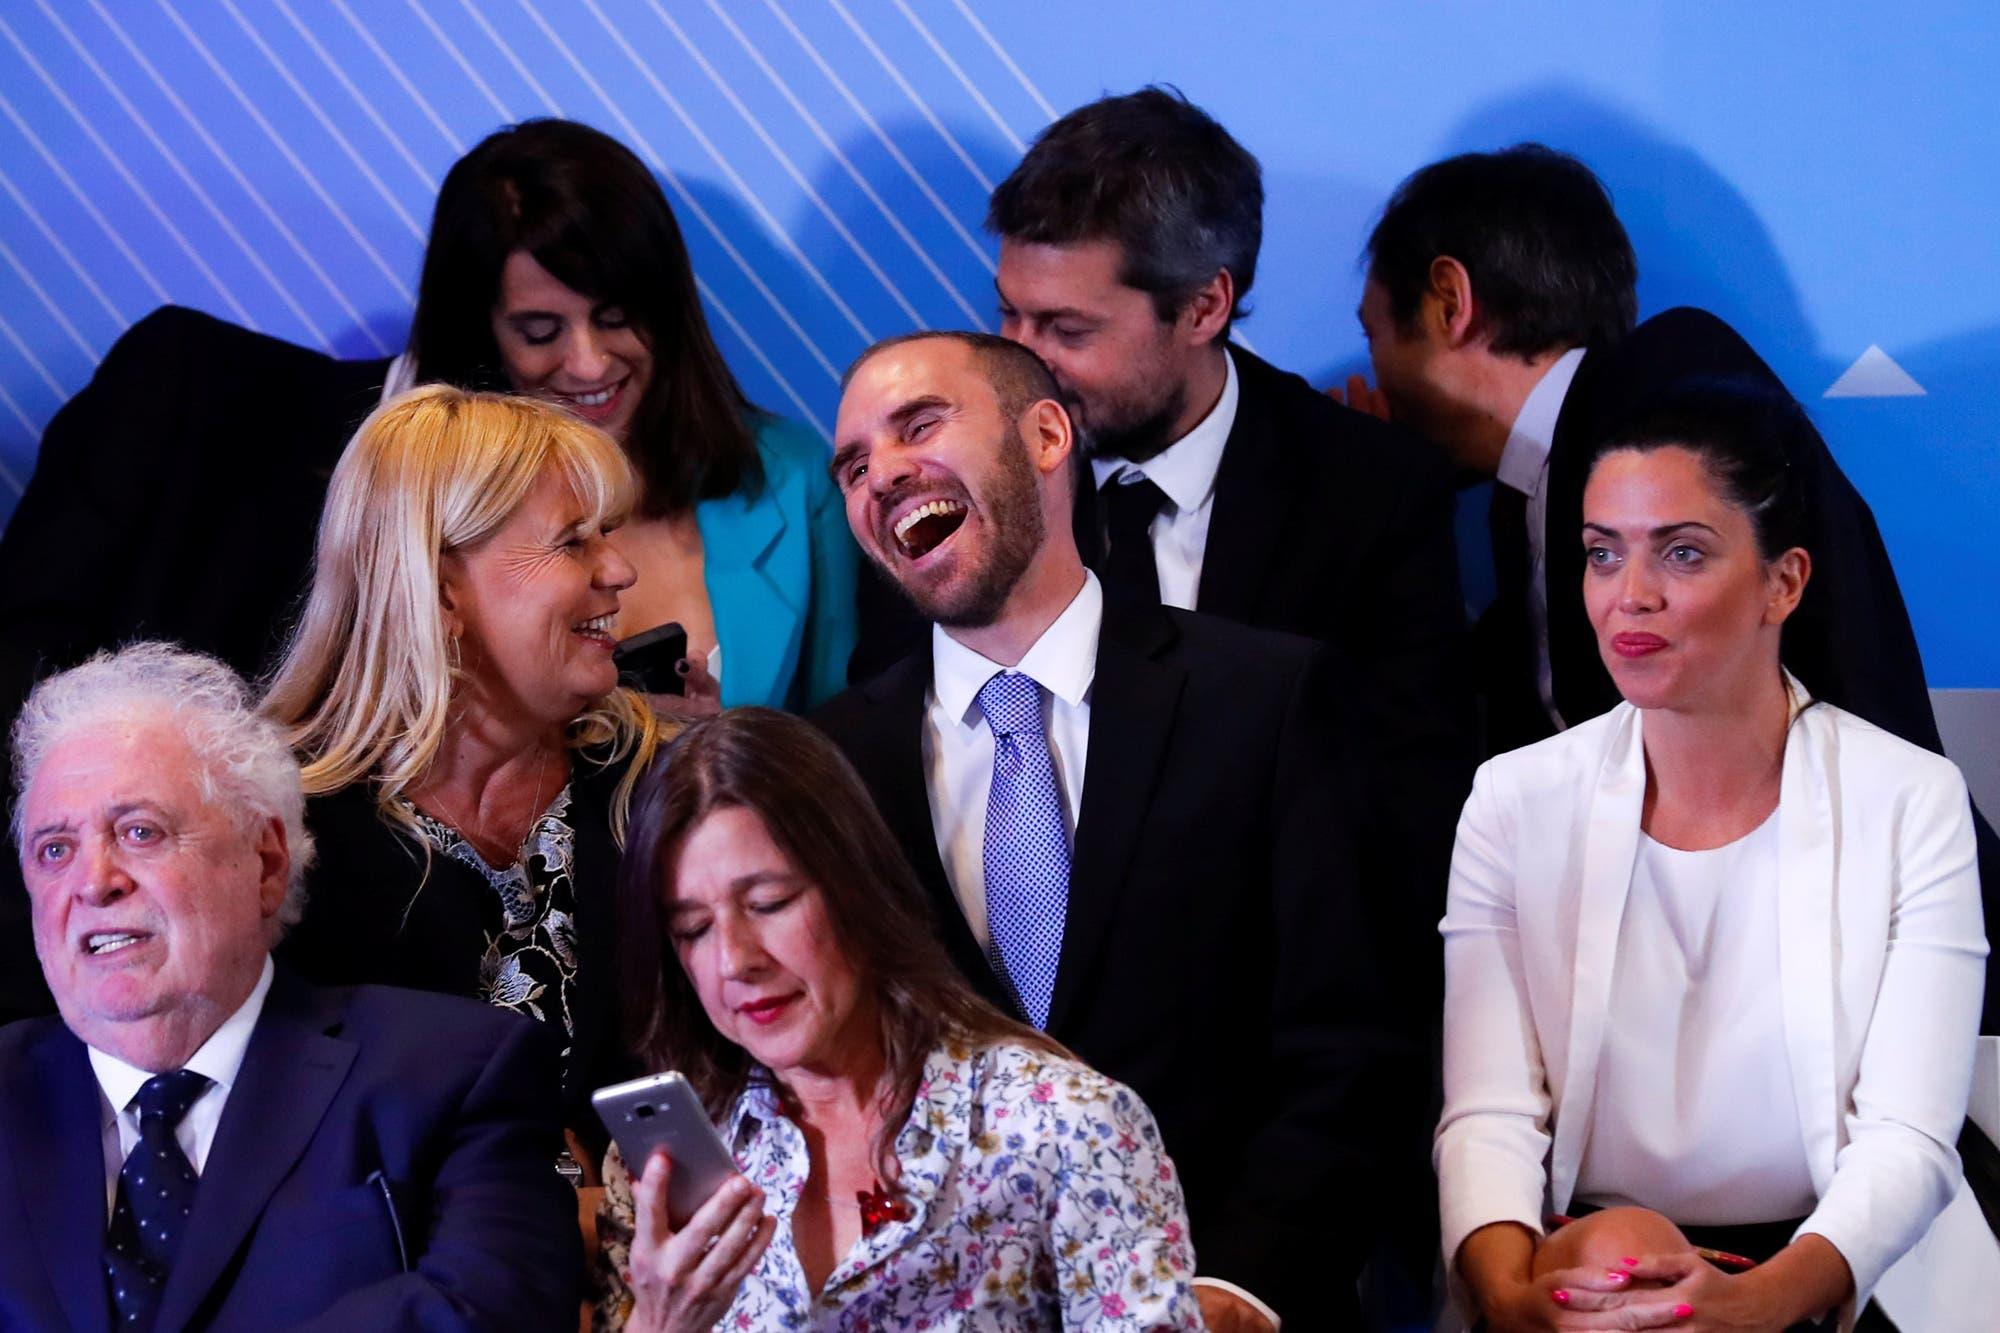 Consejos de los ex: ¿qué le dirían al futuro ministro de Economía?